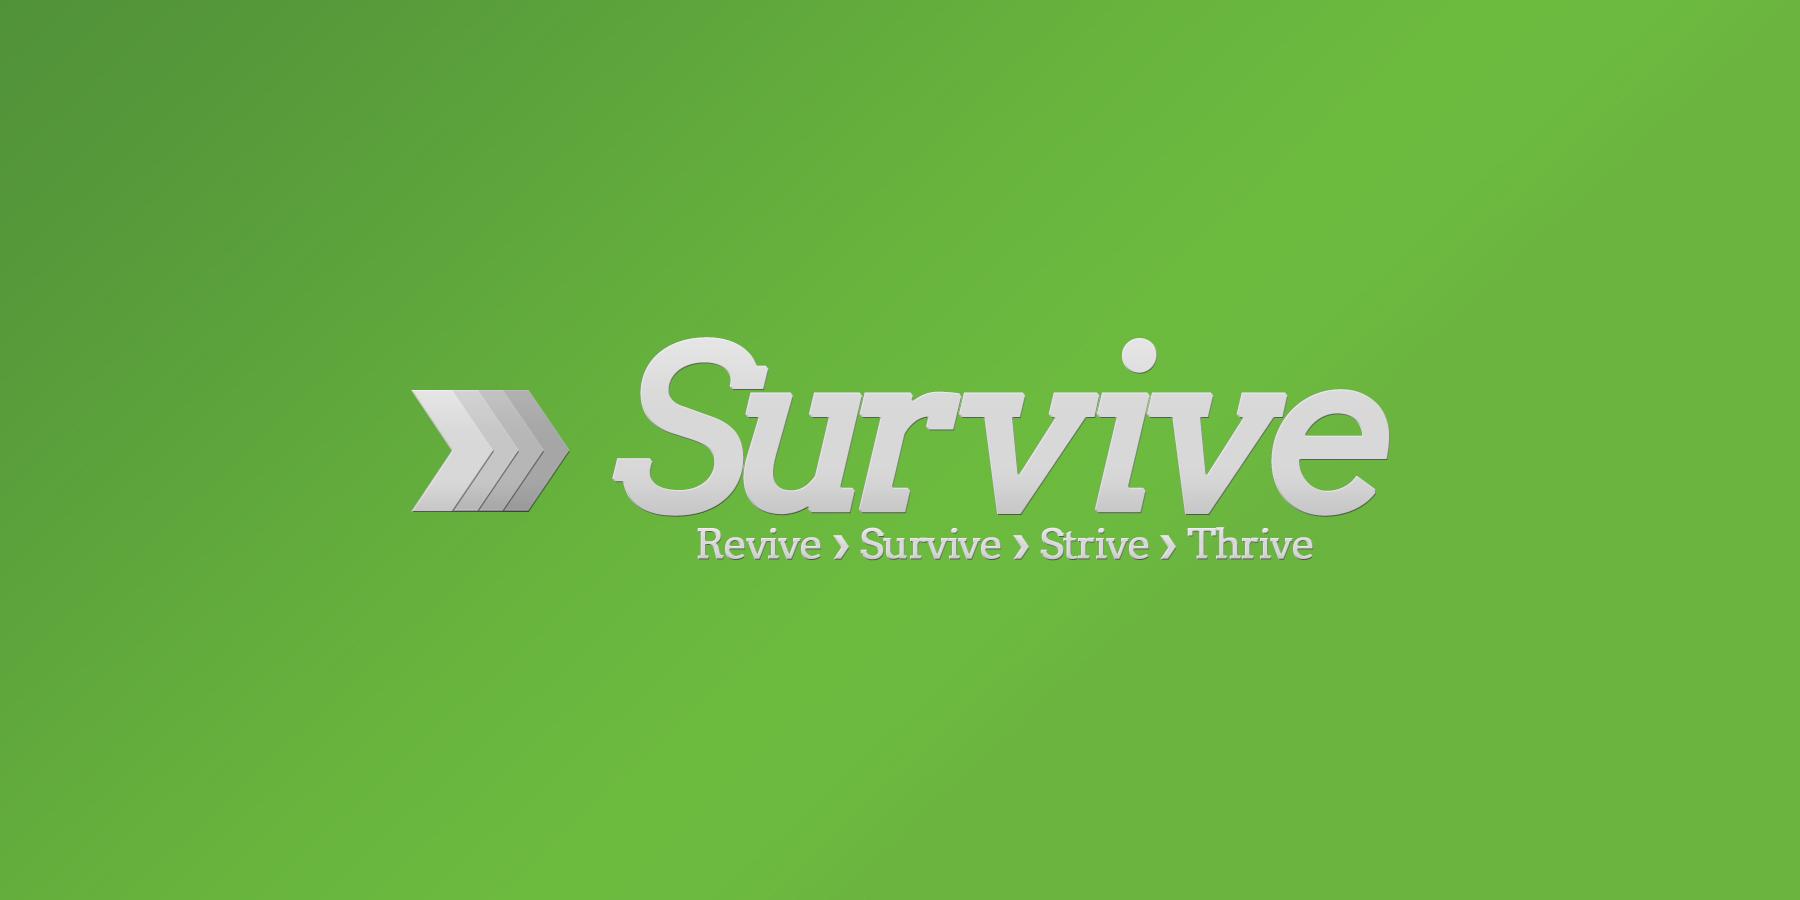 survive budget